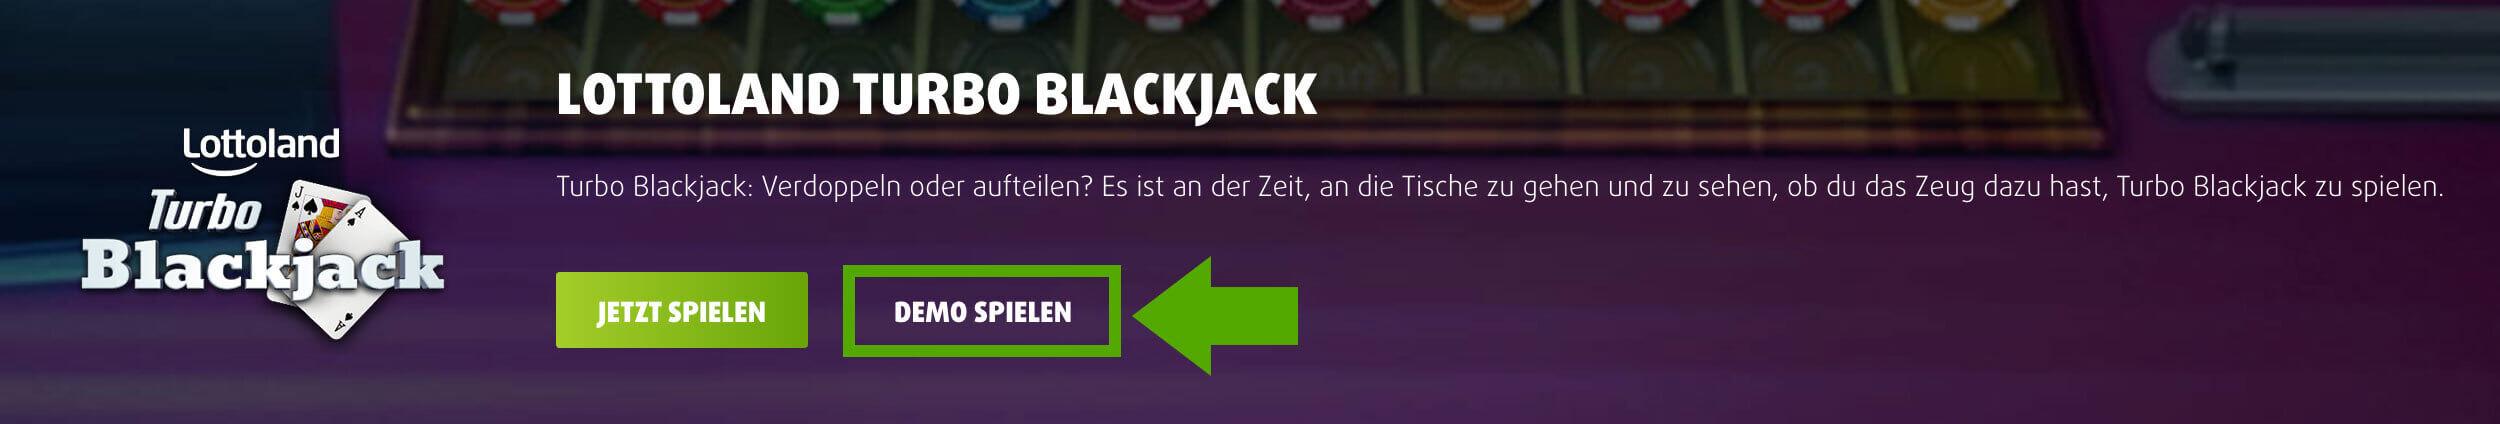 Turbo Blackjack - online im Lottoland Demo spielen